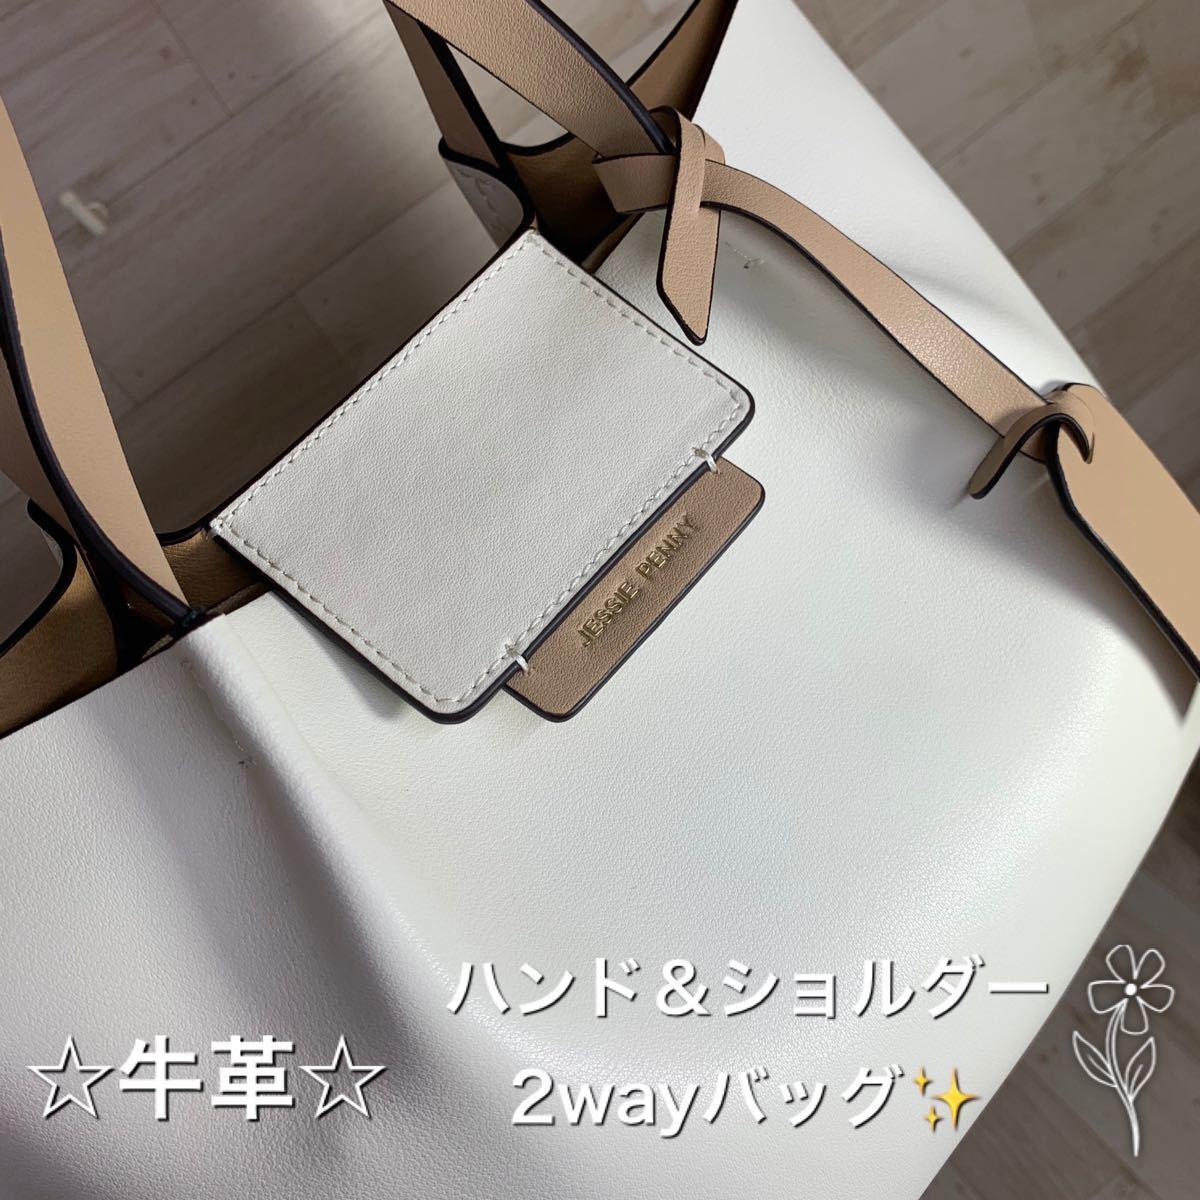 【人気本革】牛革手提げカバン ショルダーバッグ レディース